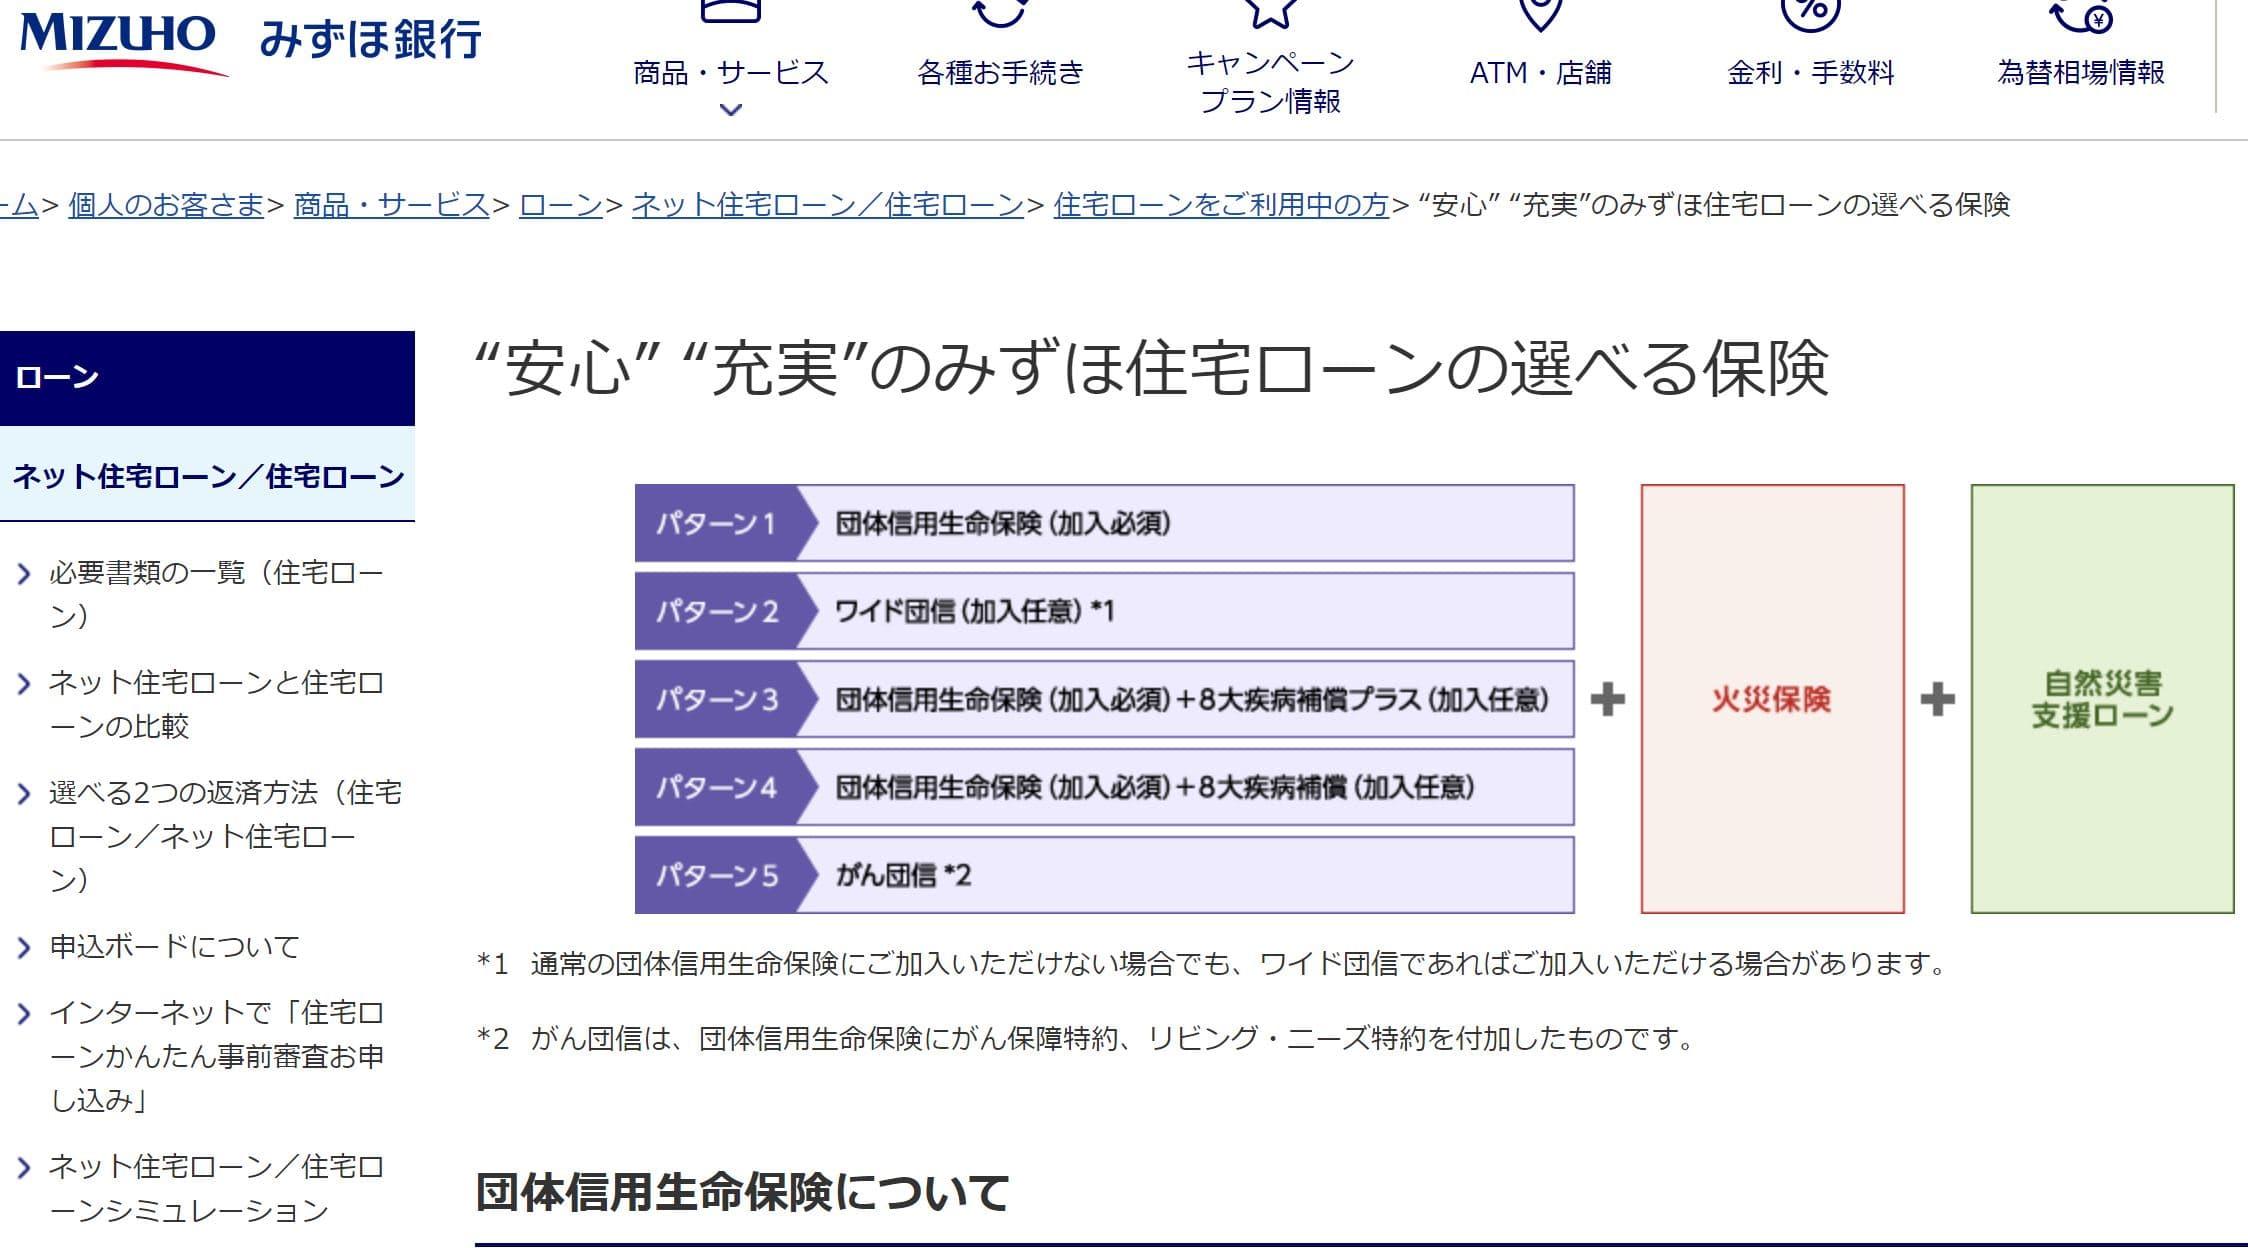 みずほ銀行の団信の説明